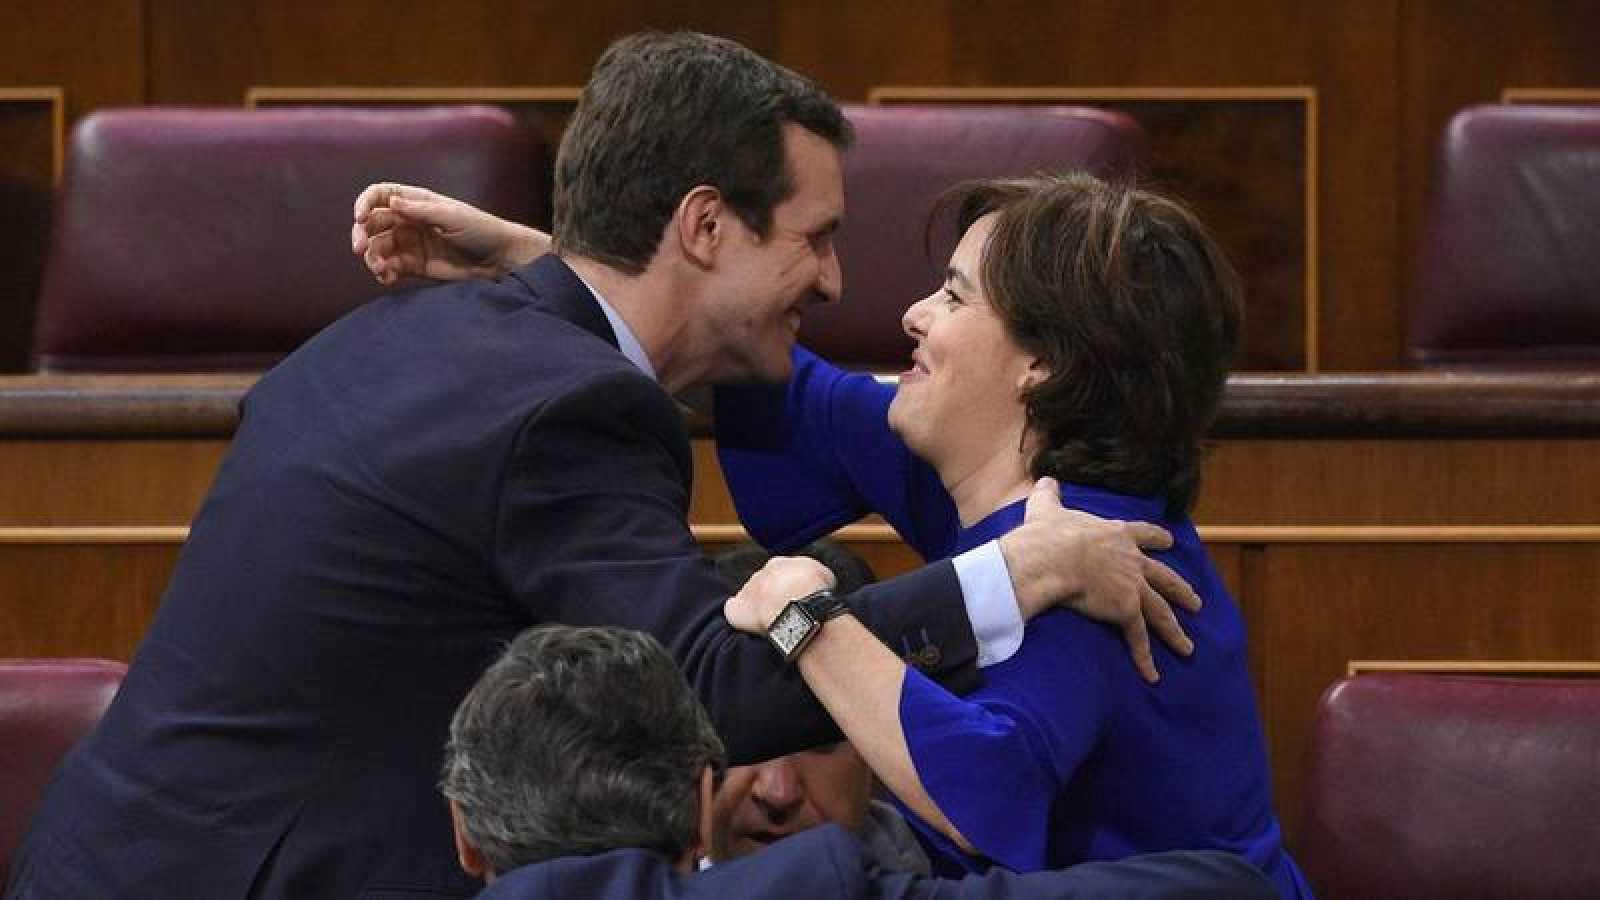 Los precandidatos Sáenz de Santamaría y Casado se saludan en el Congreso de los Diputados.